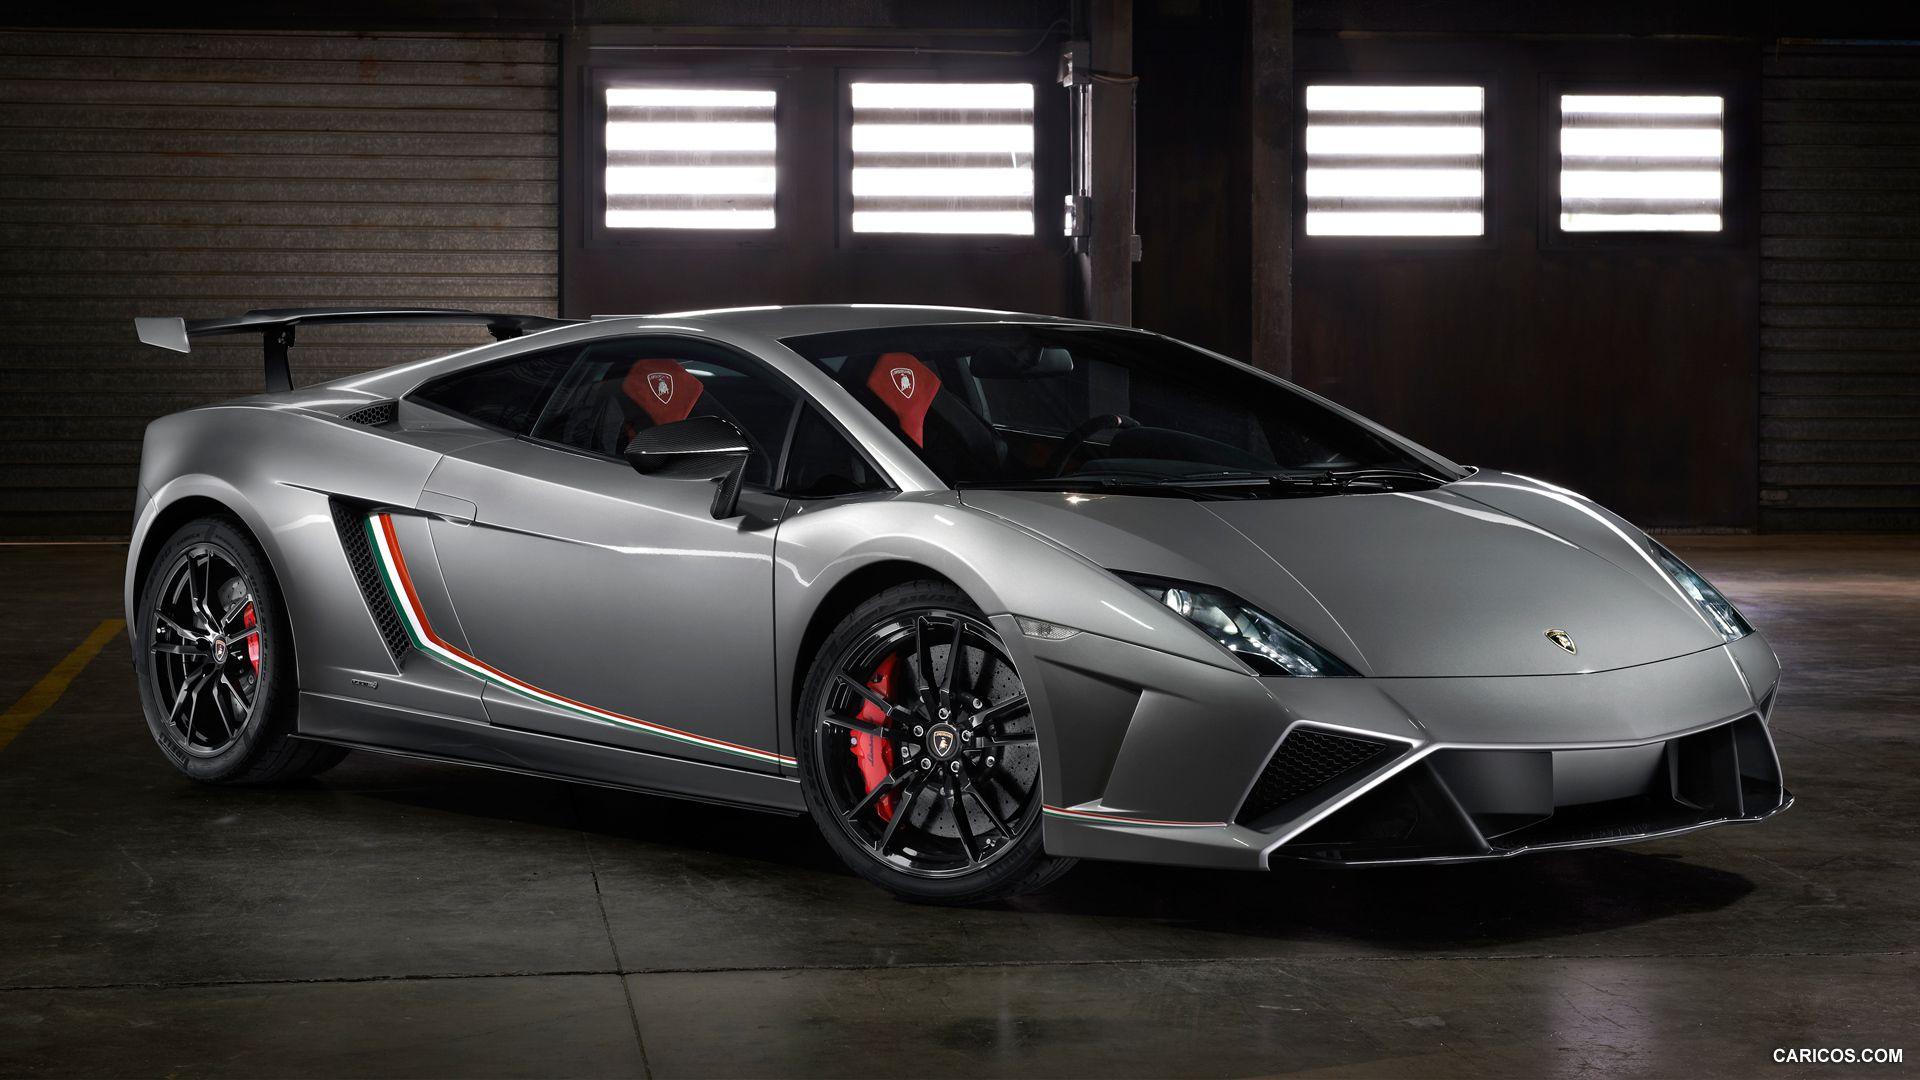 187d5efb35f35227774f53834dd1689f Inspiring Bugatti Veyron Vs Lamborghini Gallardo Cars Trend